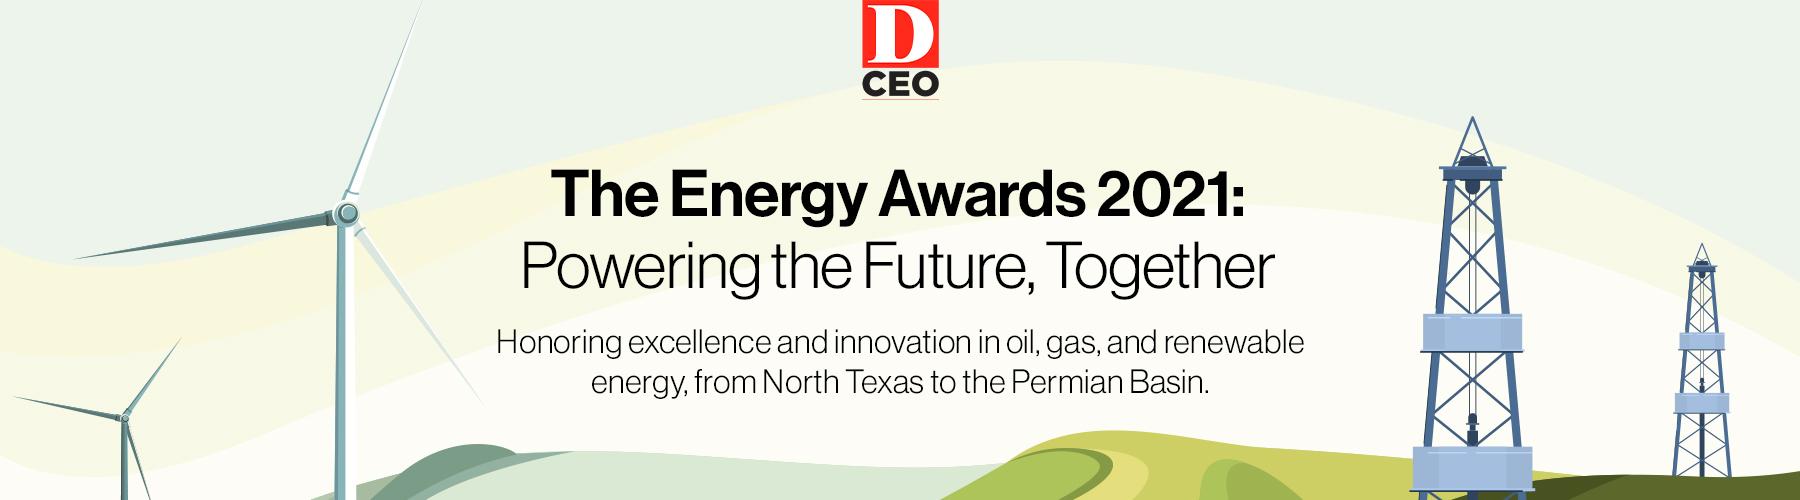 D CEO The Energy Awards 2021